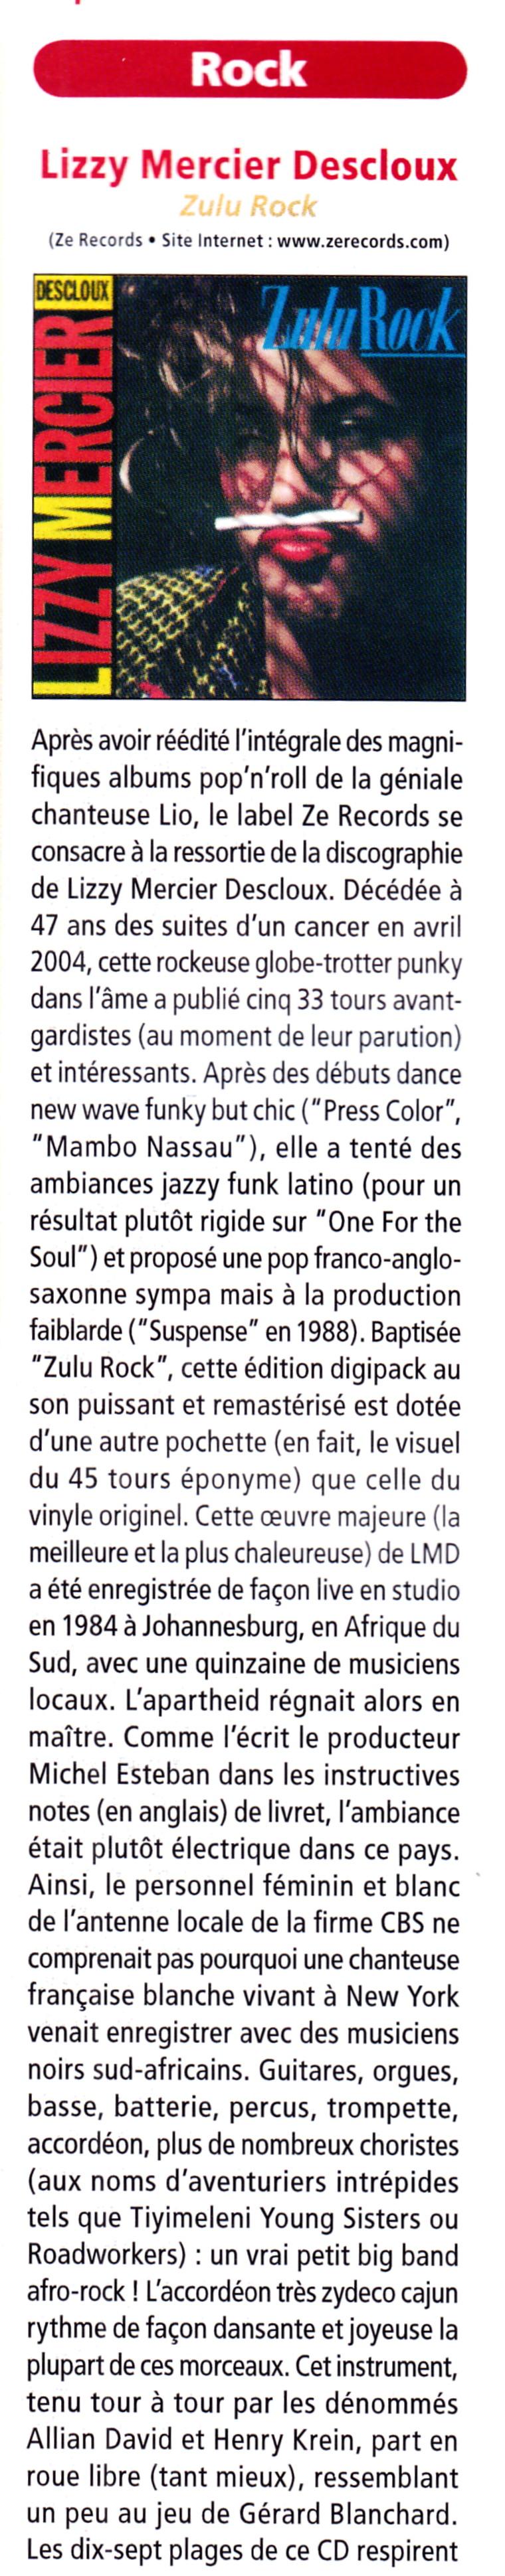 """LIZZY MERCIER DESCLOUX, album """"Zulu Rock"""" (1984, réédité par ZeRecords en 2006) : chronique 16031008562620773814048809"""